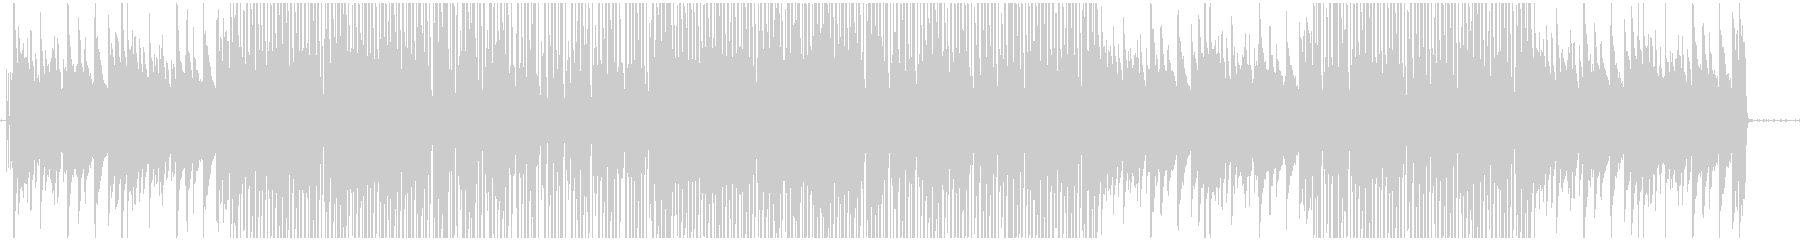 ジャジーで渋い大人のヒップホップの未再生の波形